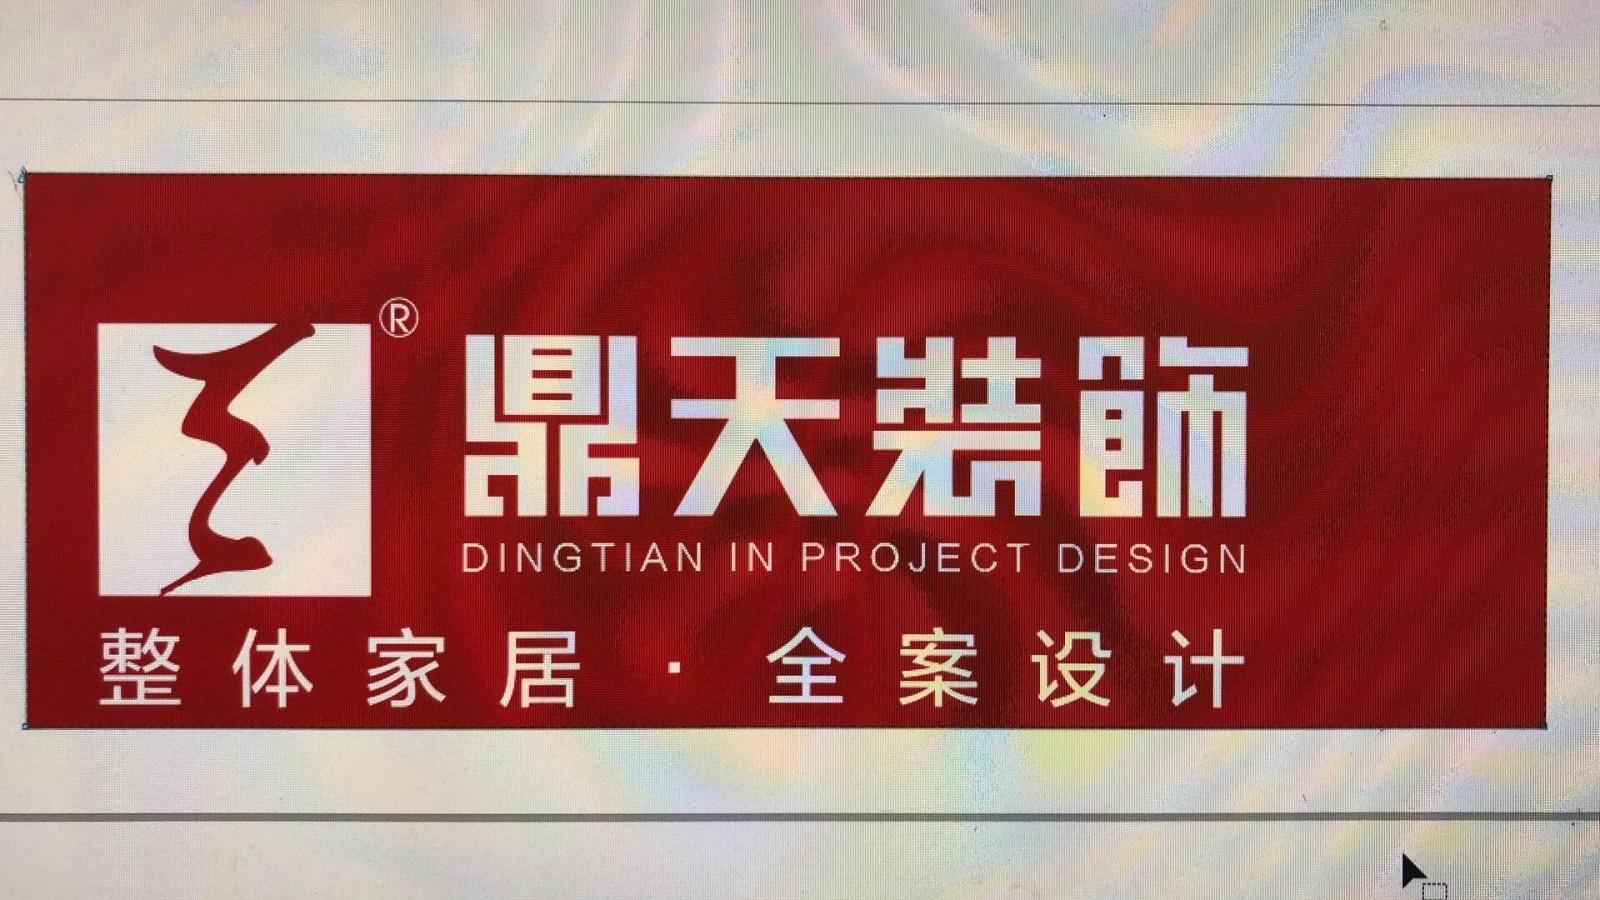 宁波北仑鼎天装饰设计工程有限公司